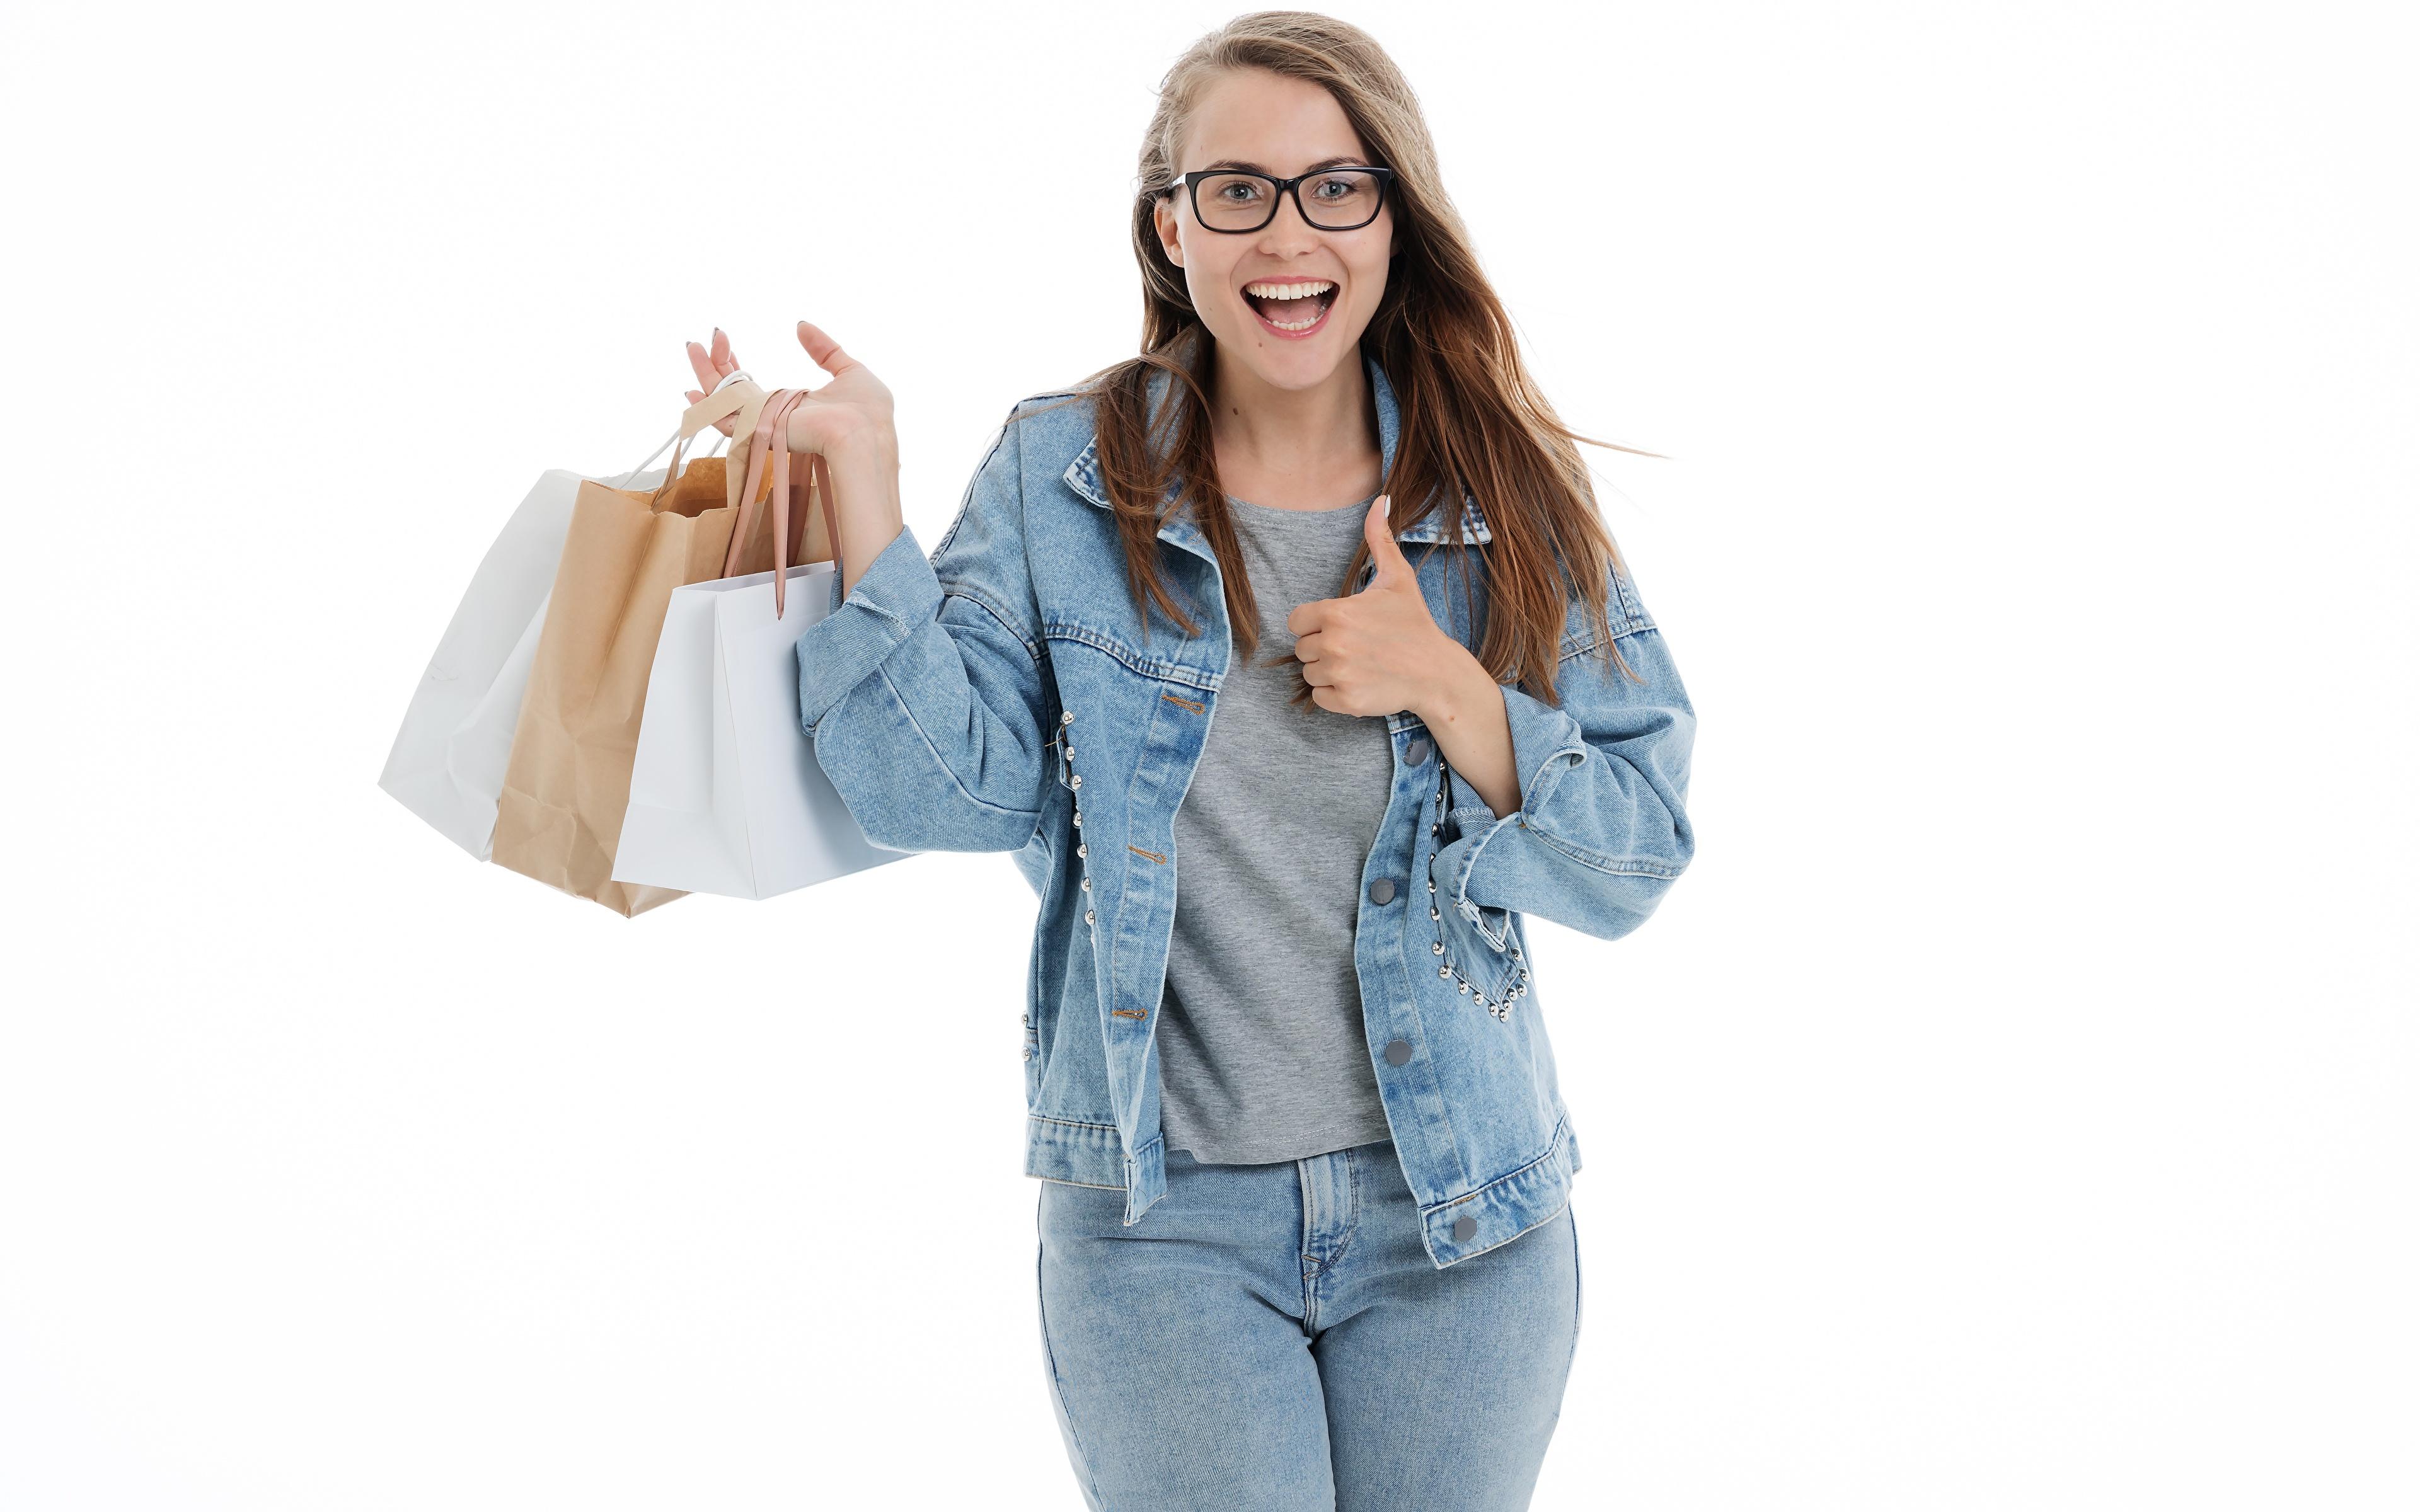 Обои для рабочего стола Шатенка покупка счастливые Бумажный пакет Куртка Девушки джинсов рука Очки Белый фон 3840x2400 шатенки купили Покупки покупать счастье Радость радостная радостный счастливый счастливая куртке куртки девушка куртках молодые женщины молодая женщина Джинсы Руки очках очков белом фоне белым фоном